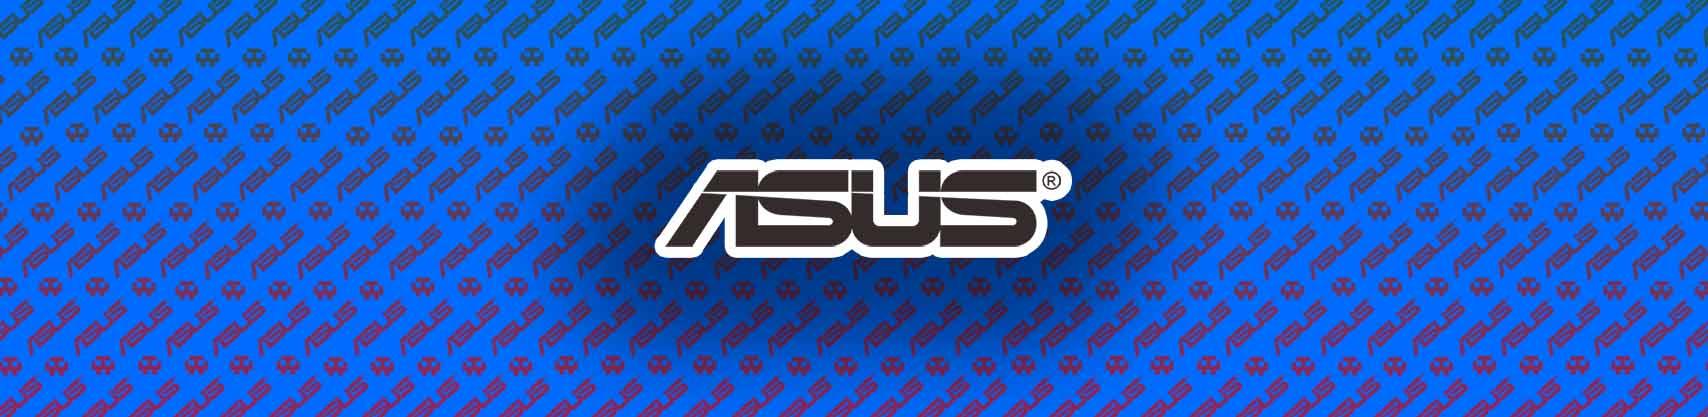 Asus Transformer Book T100TA Manual